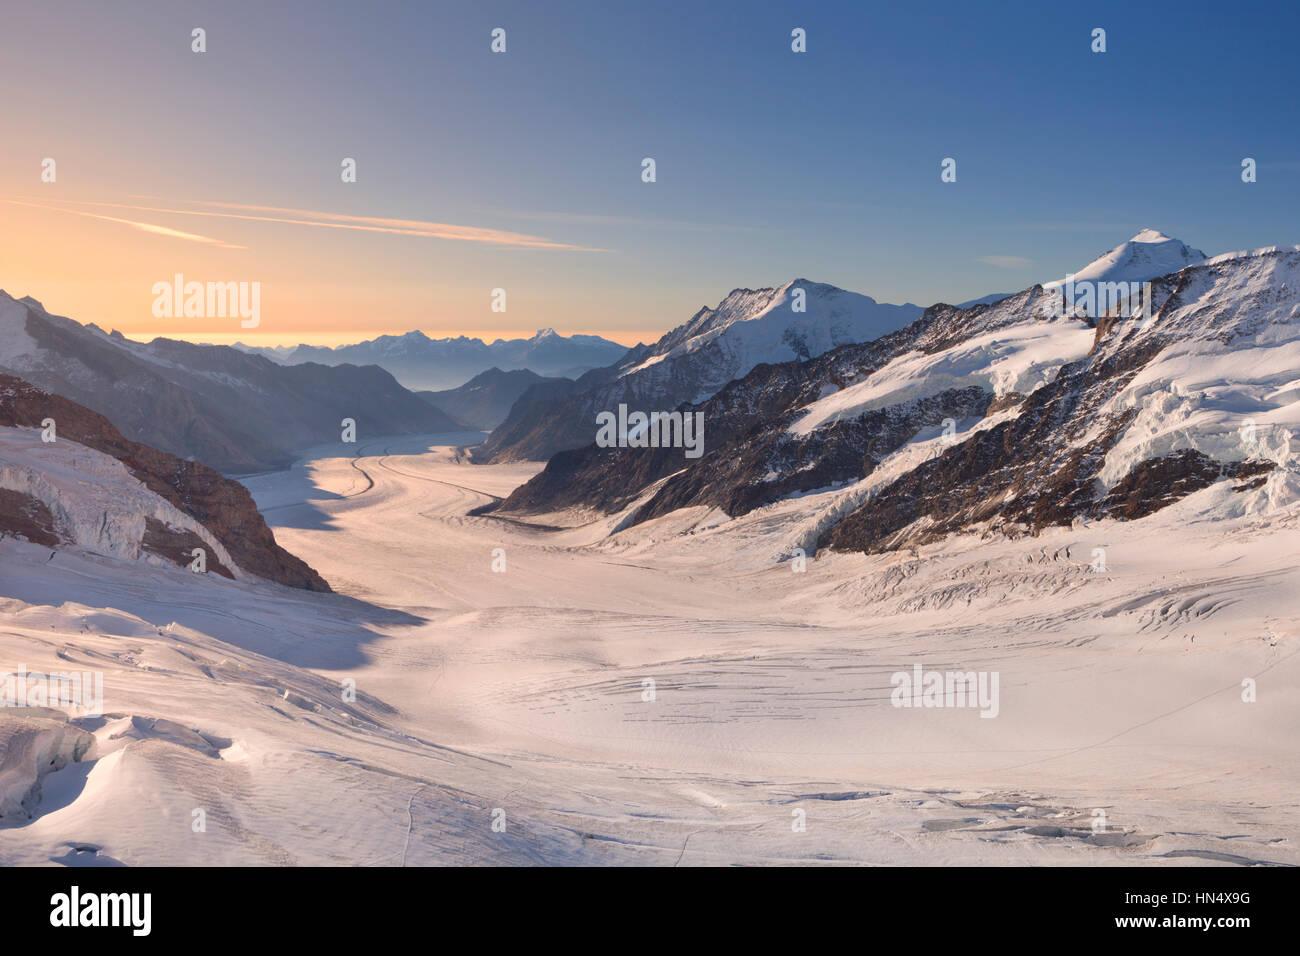 Alba sul ghiacciaio di Aletsch dal Jungfraujoch in Svizzera su una chiara mattina. Immagini Stock